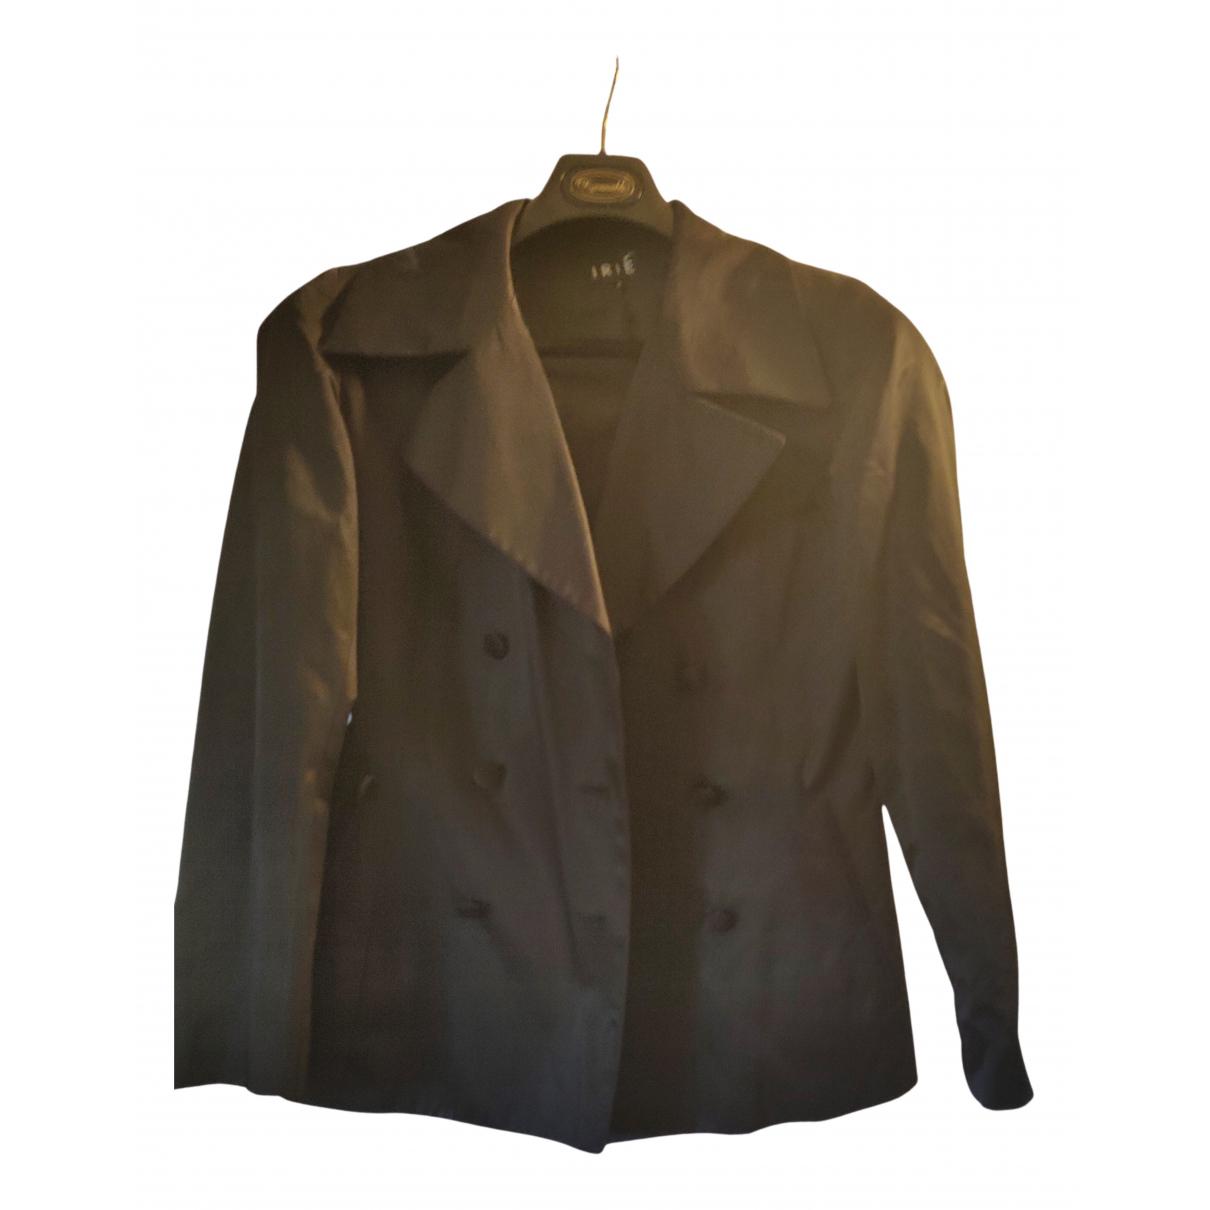 Irie - Veste   pour femme en coton - noir